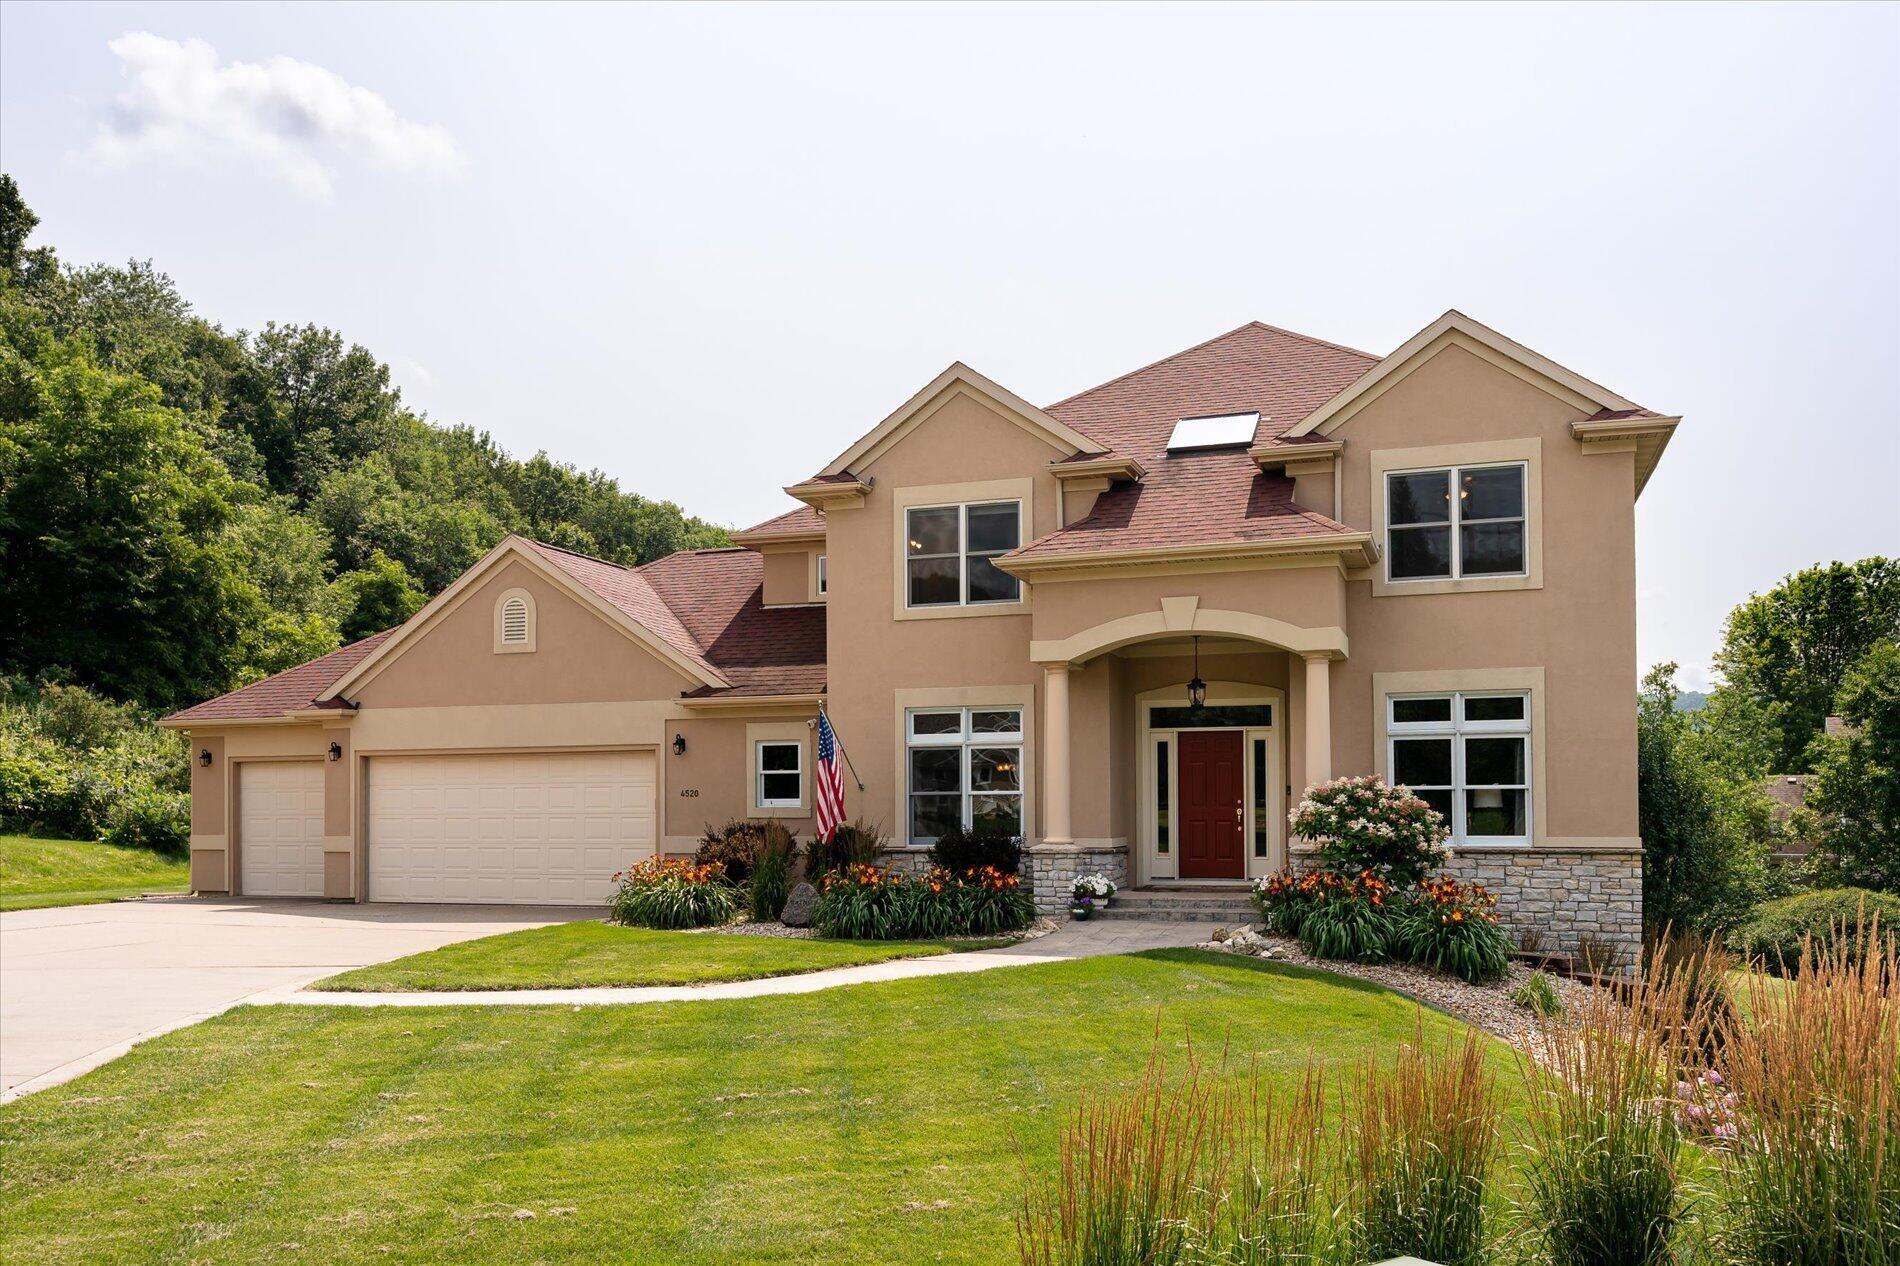 4520 Woodland Grn, La Crosse, WI 54601 - MLS#: 1753637